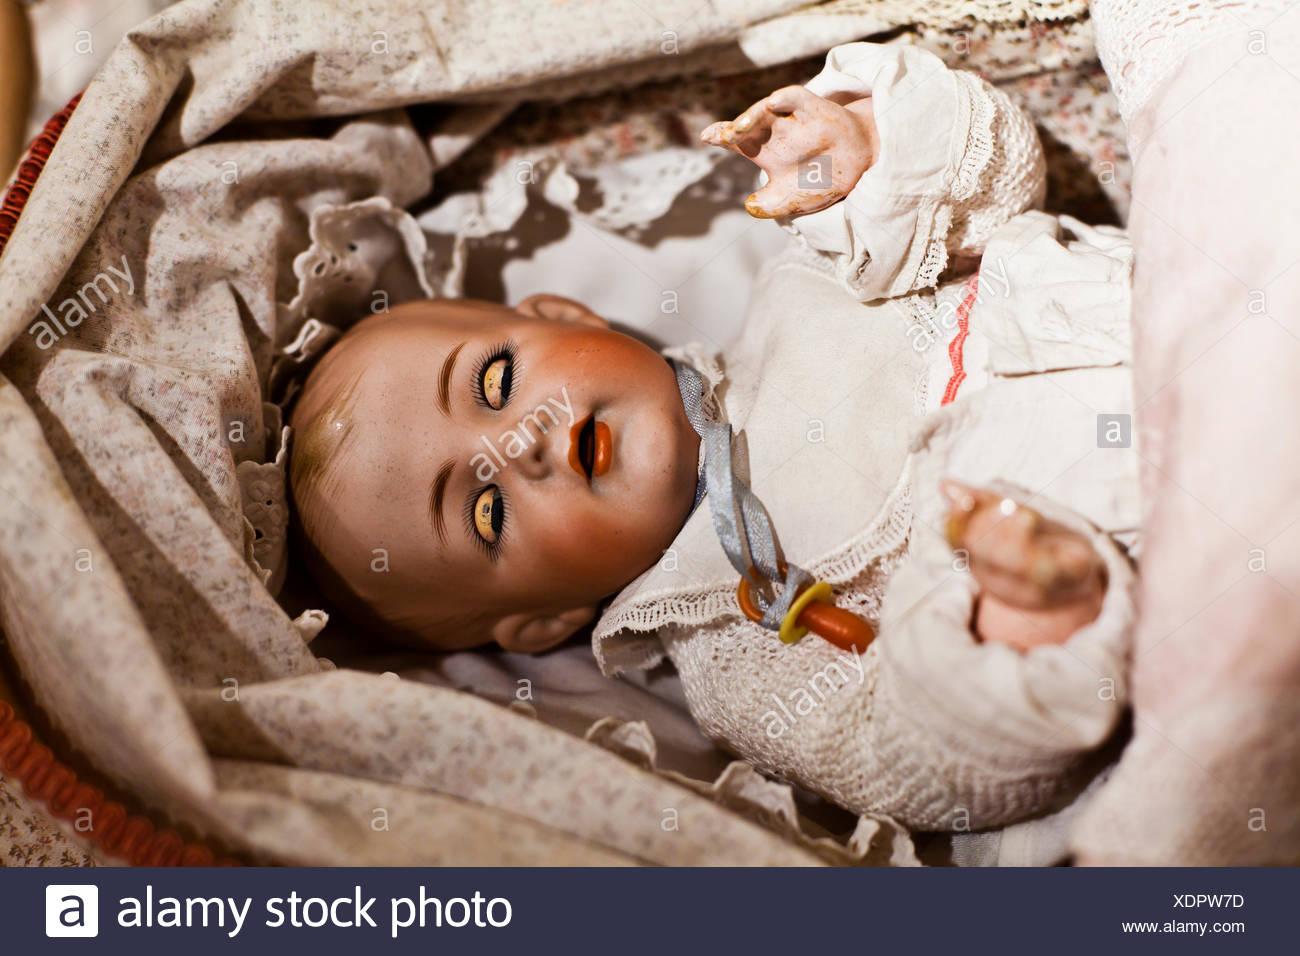 Old porcelain doll - Stock Image